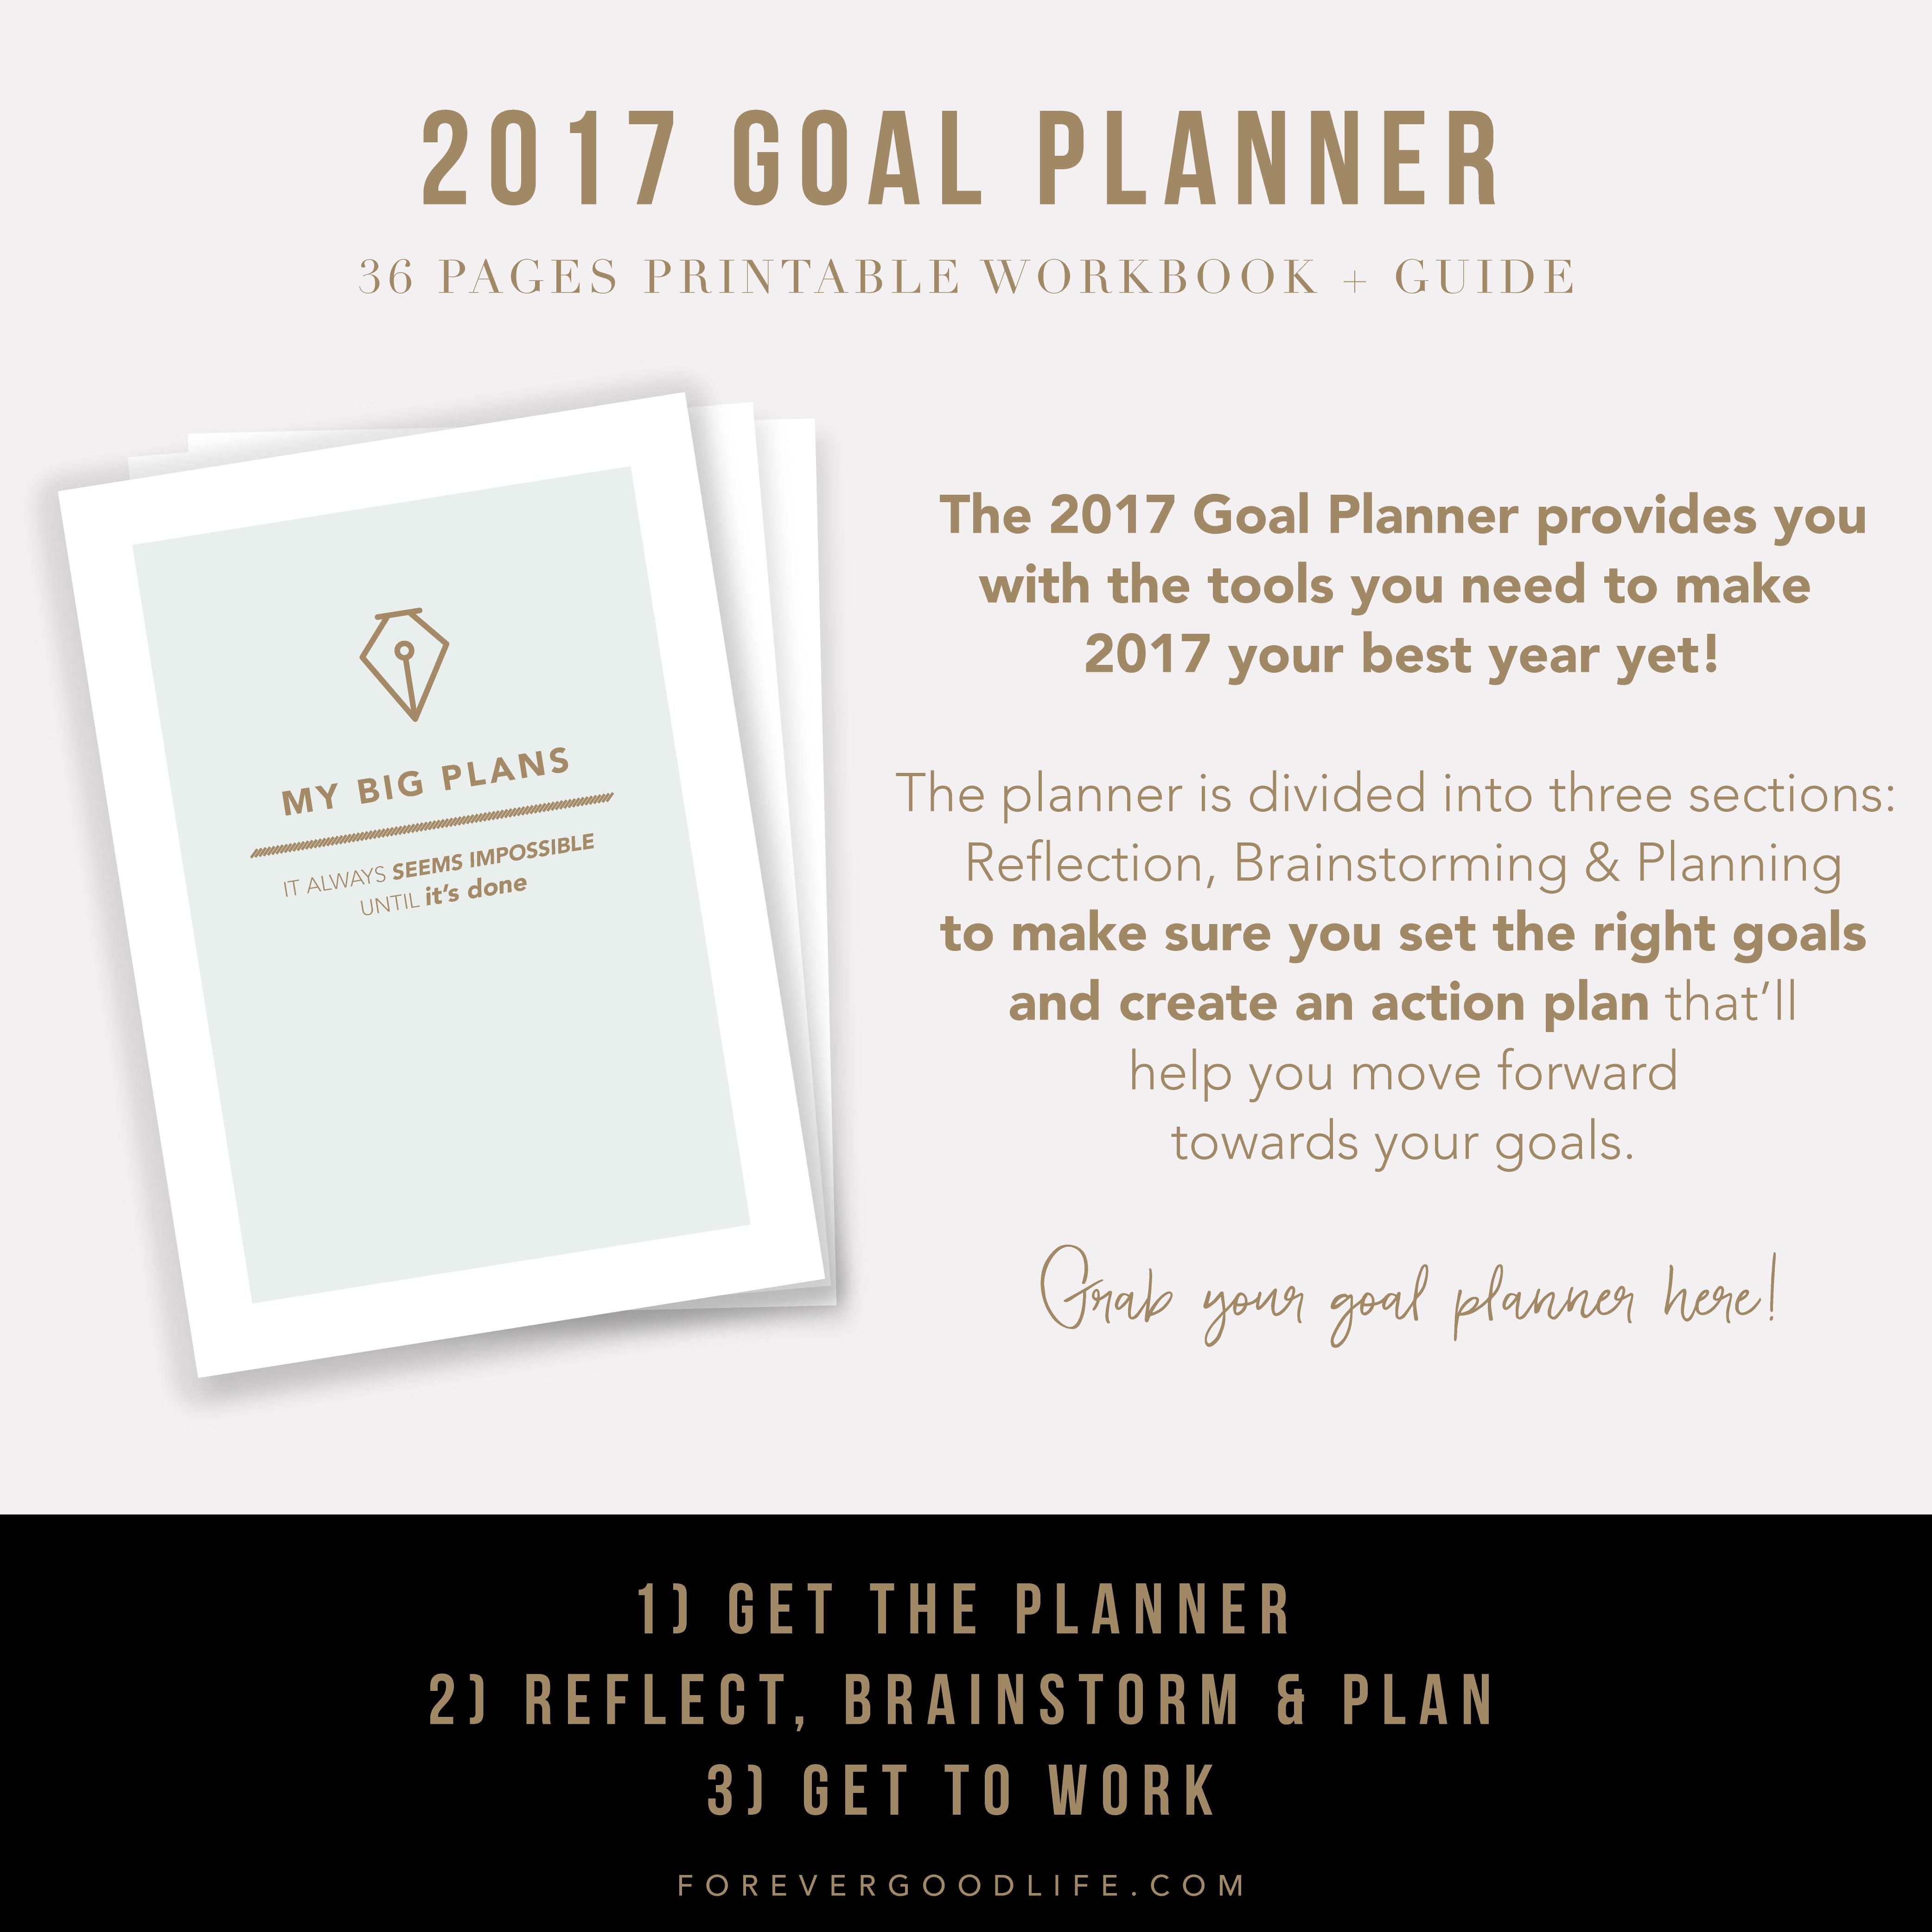 2017 Goal Planner - ForeverGoodLife